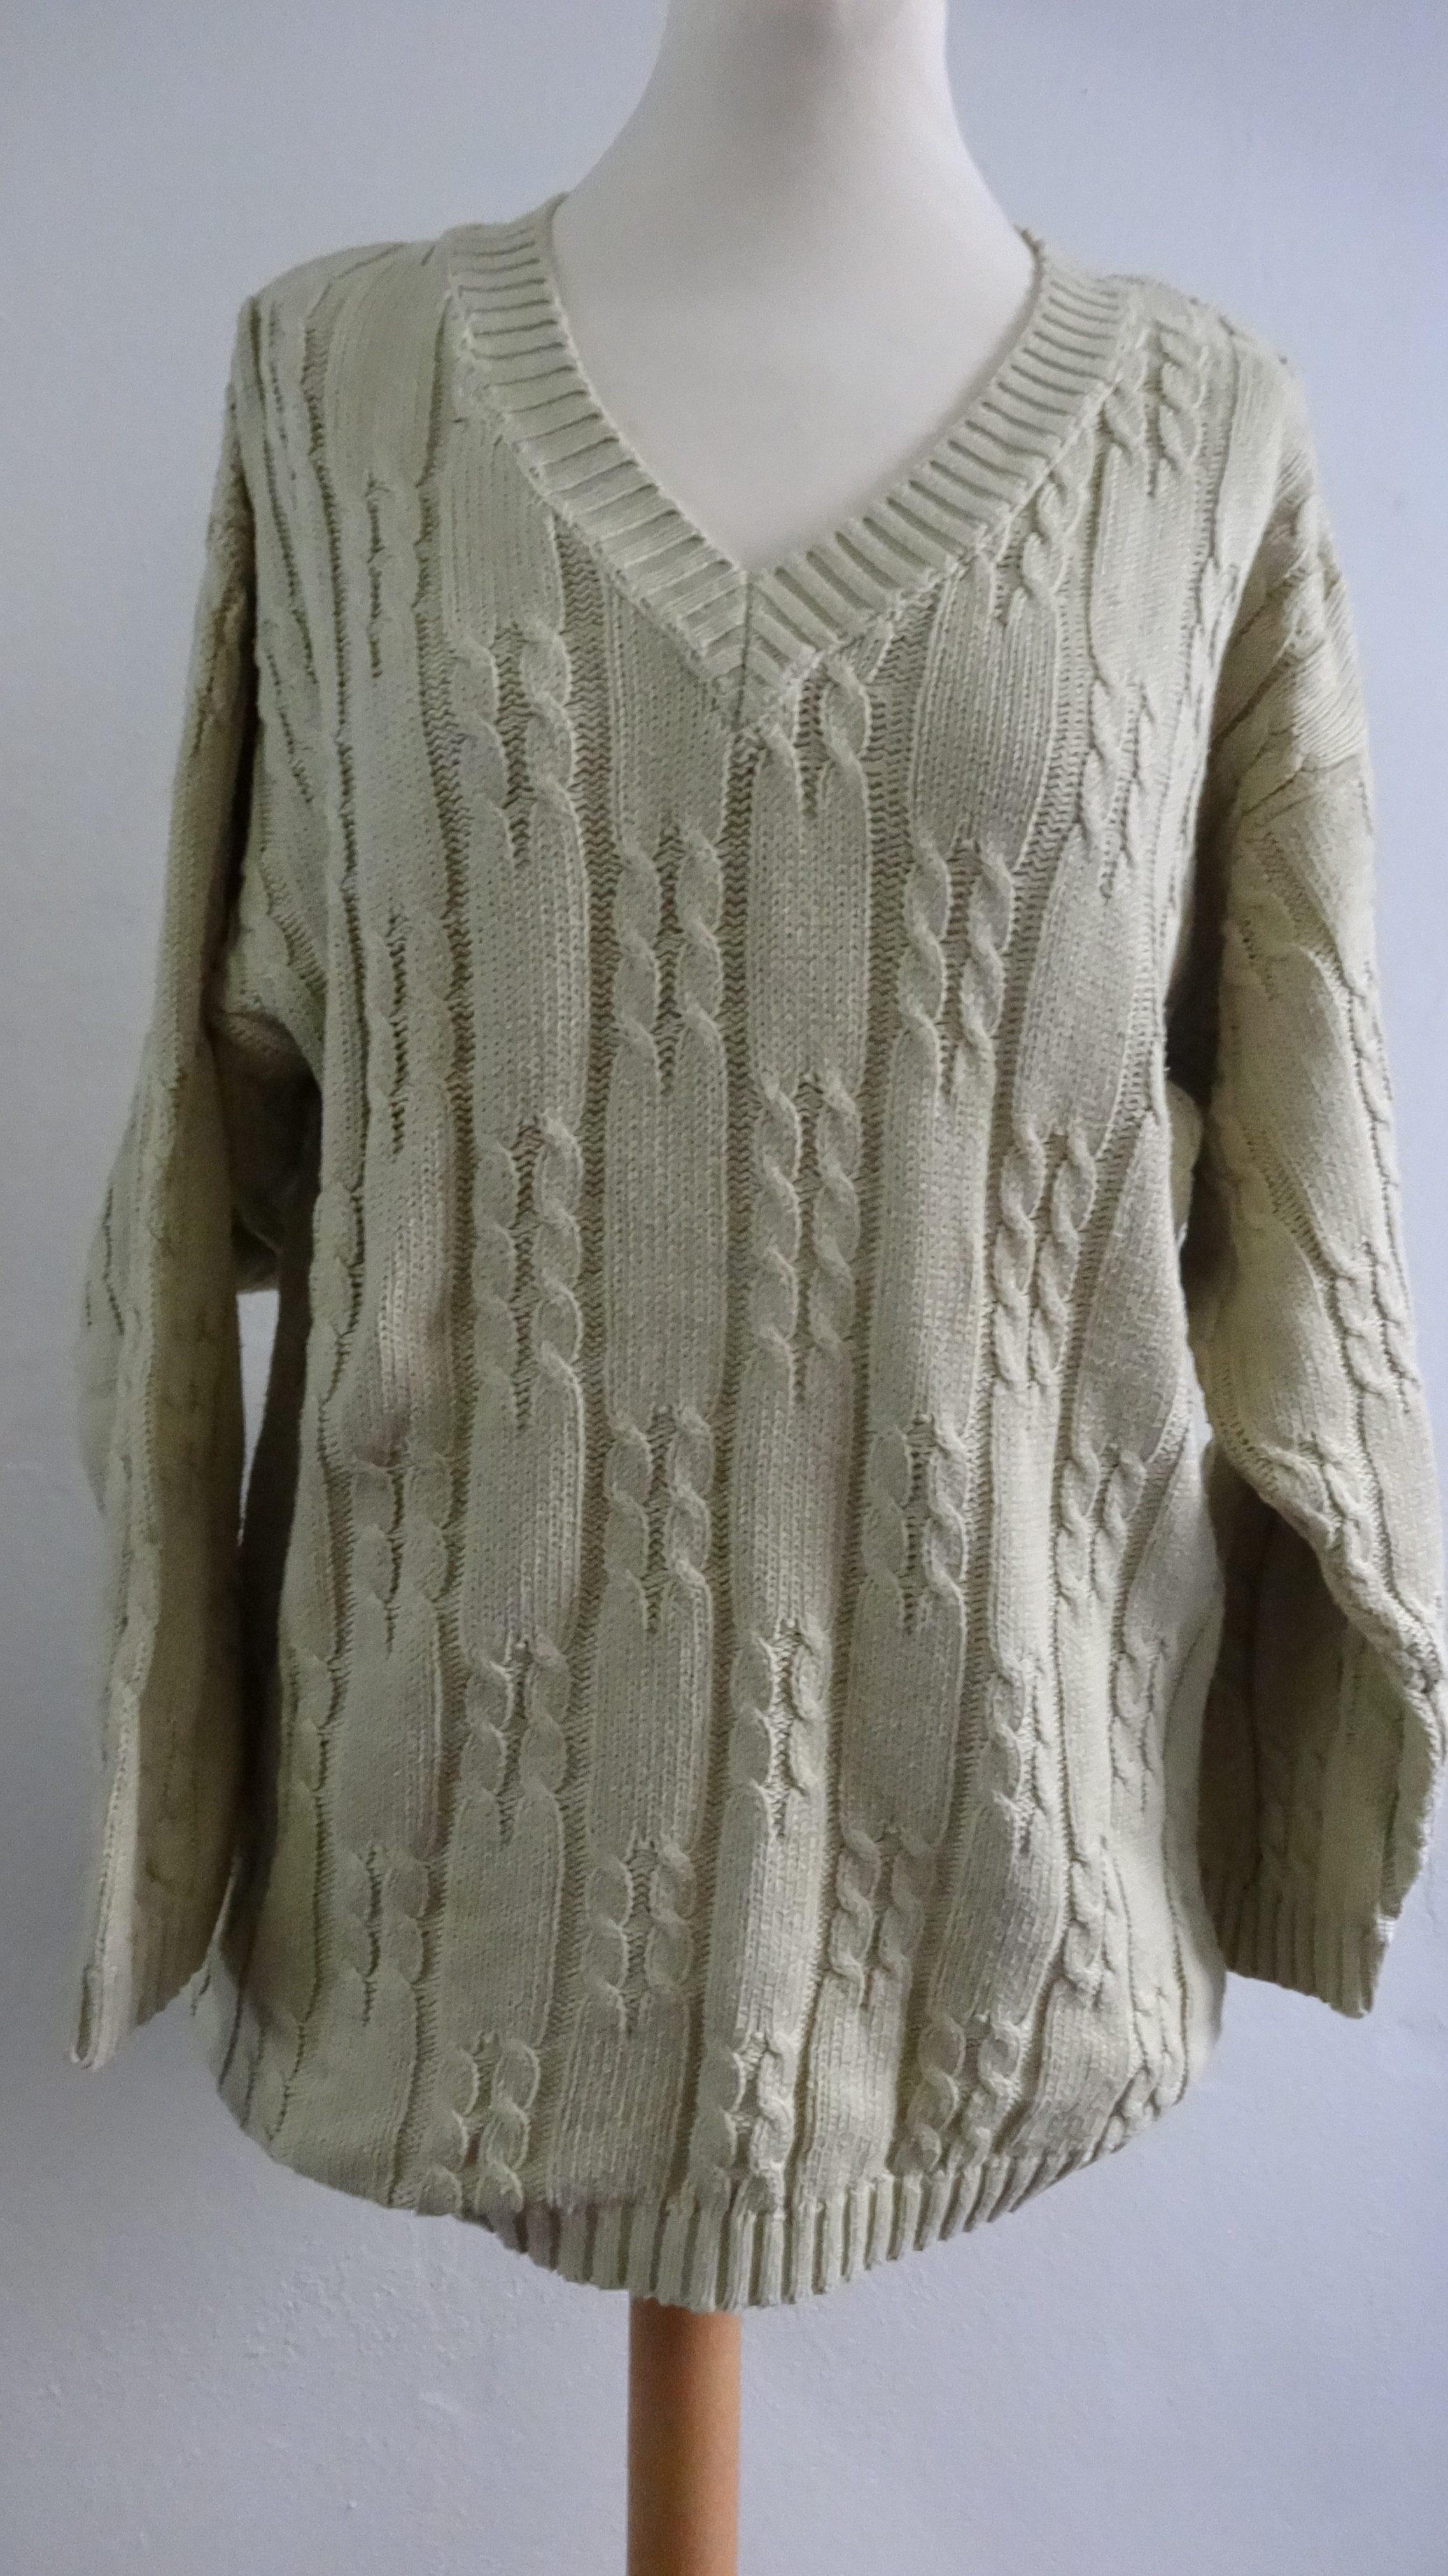 e19b7d0fedb InWear sweater med v-udskæring - Care & Share Vintage